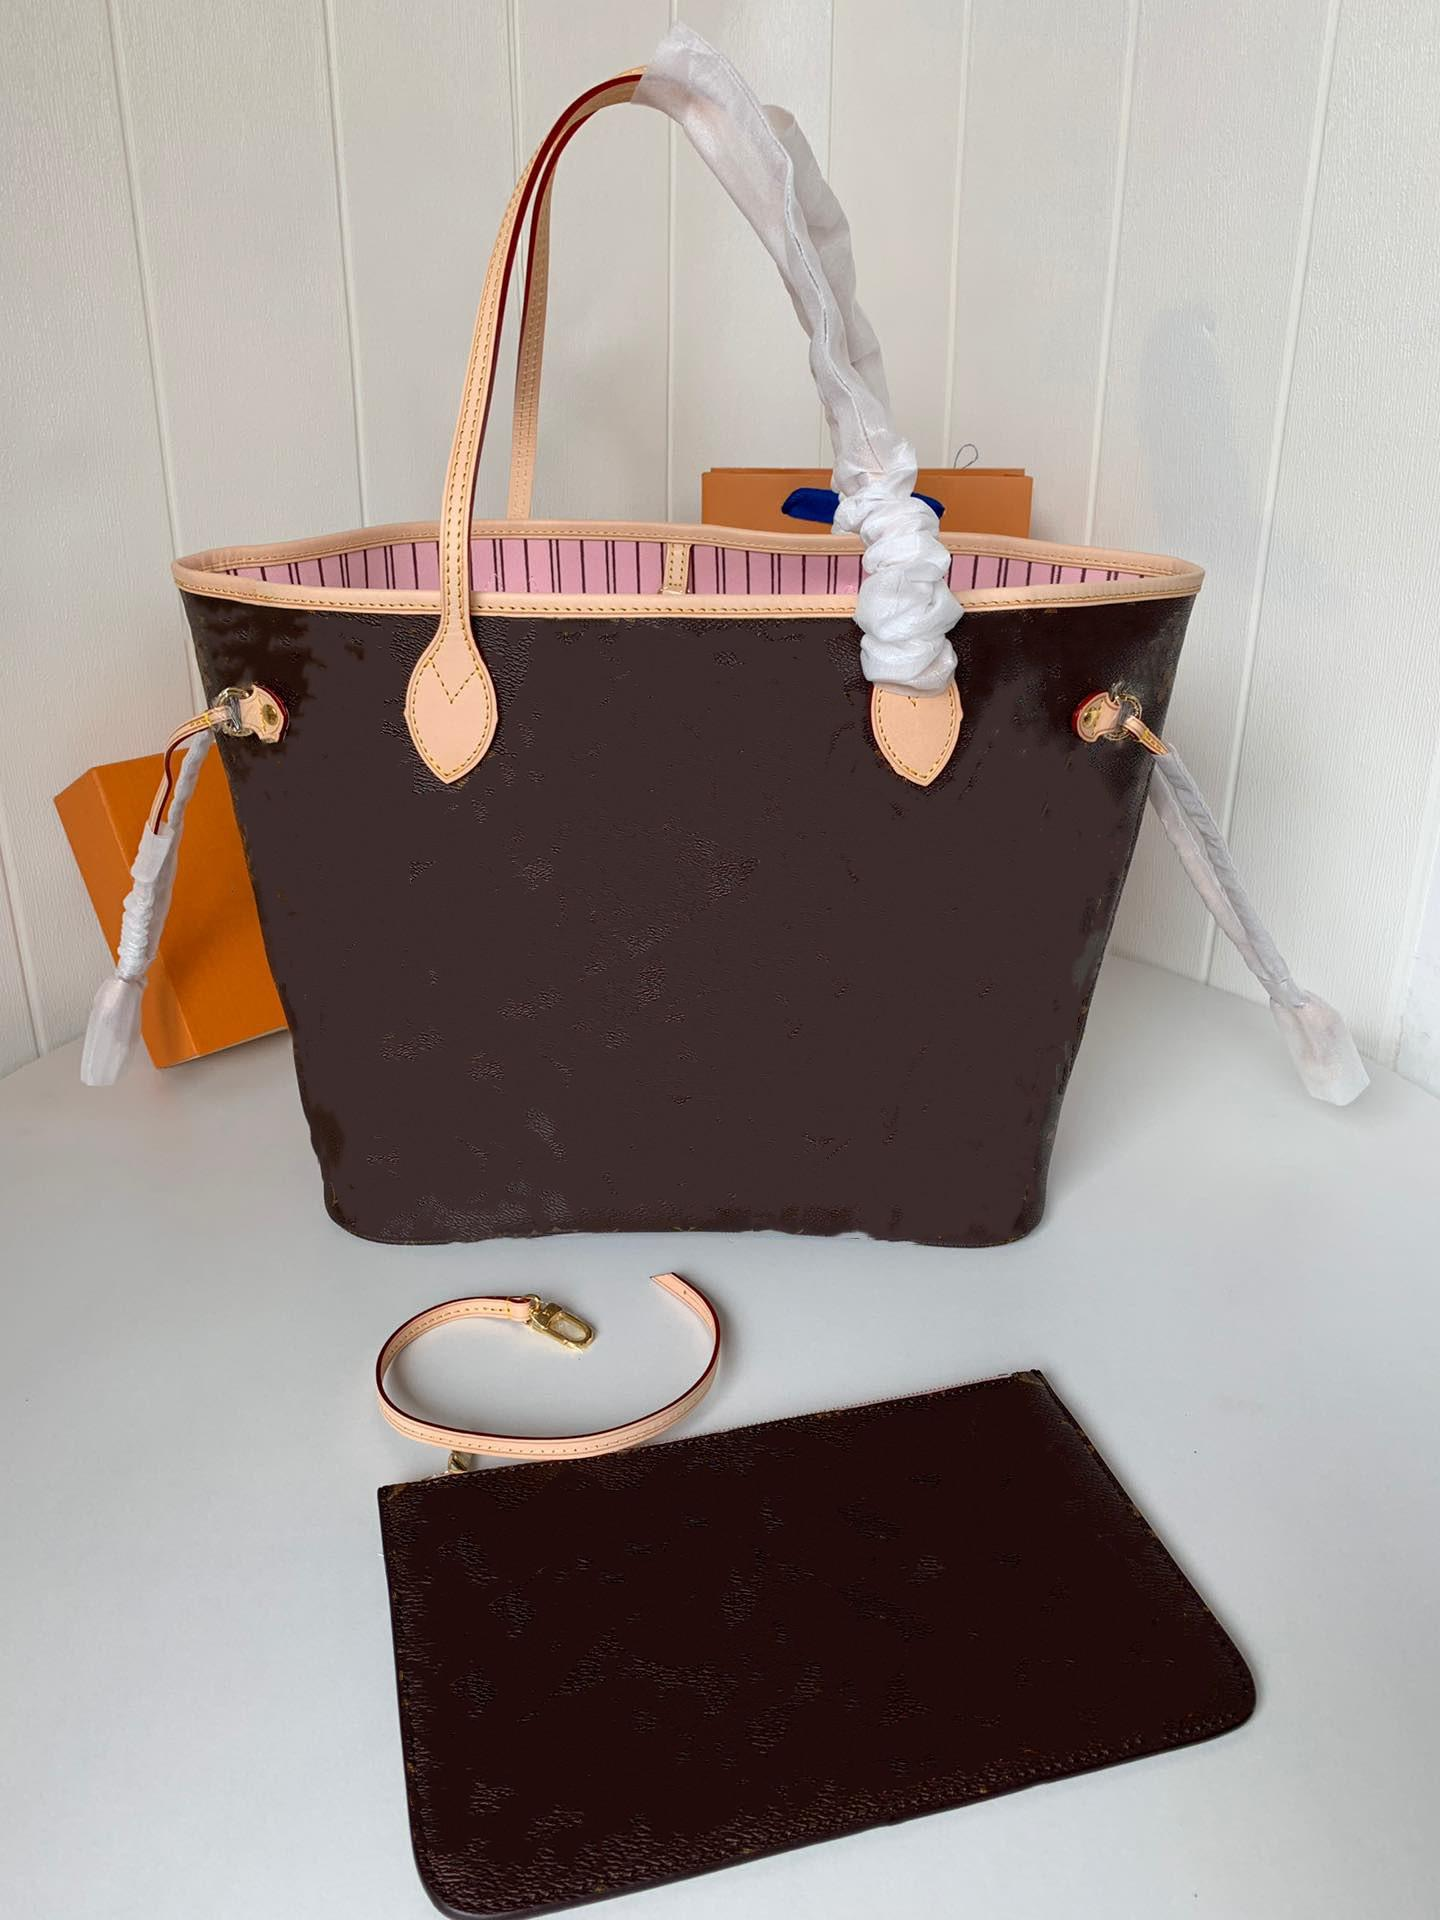 2 stücke Set High Qulity Klassische Womens Handtaschen Blume Damen Composite Tote Leder Kupplung Umhängetaschen Handtaschen Geldbörsen